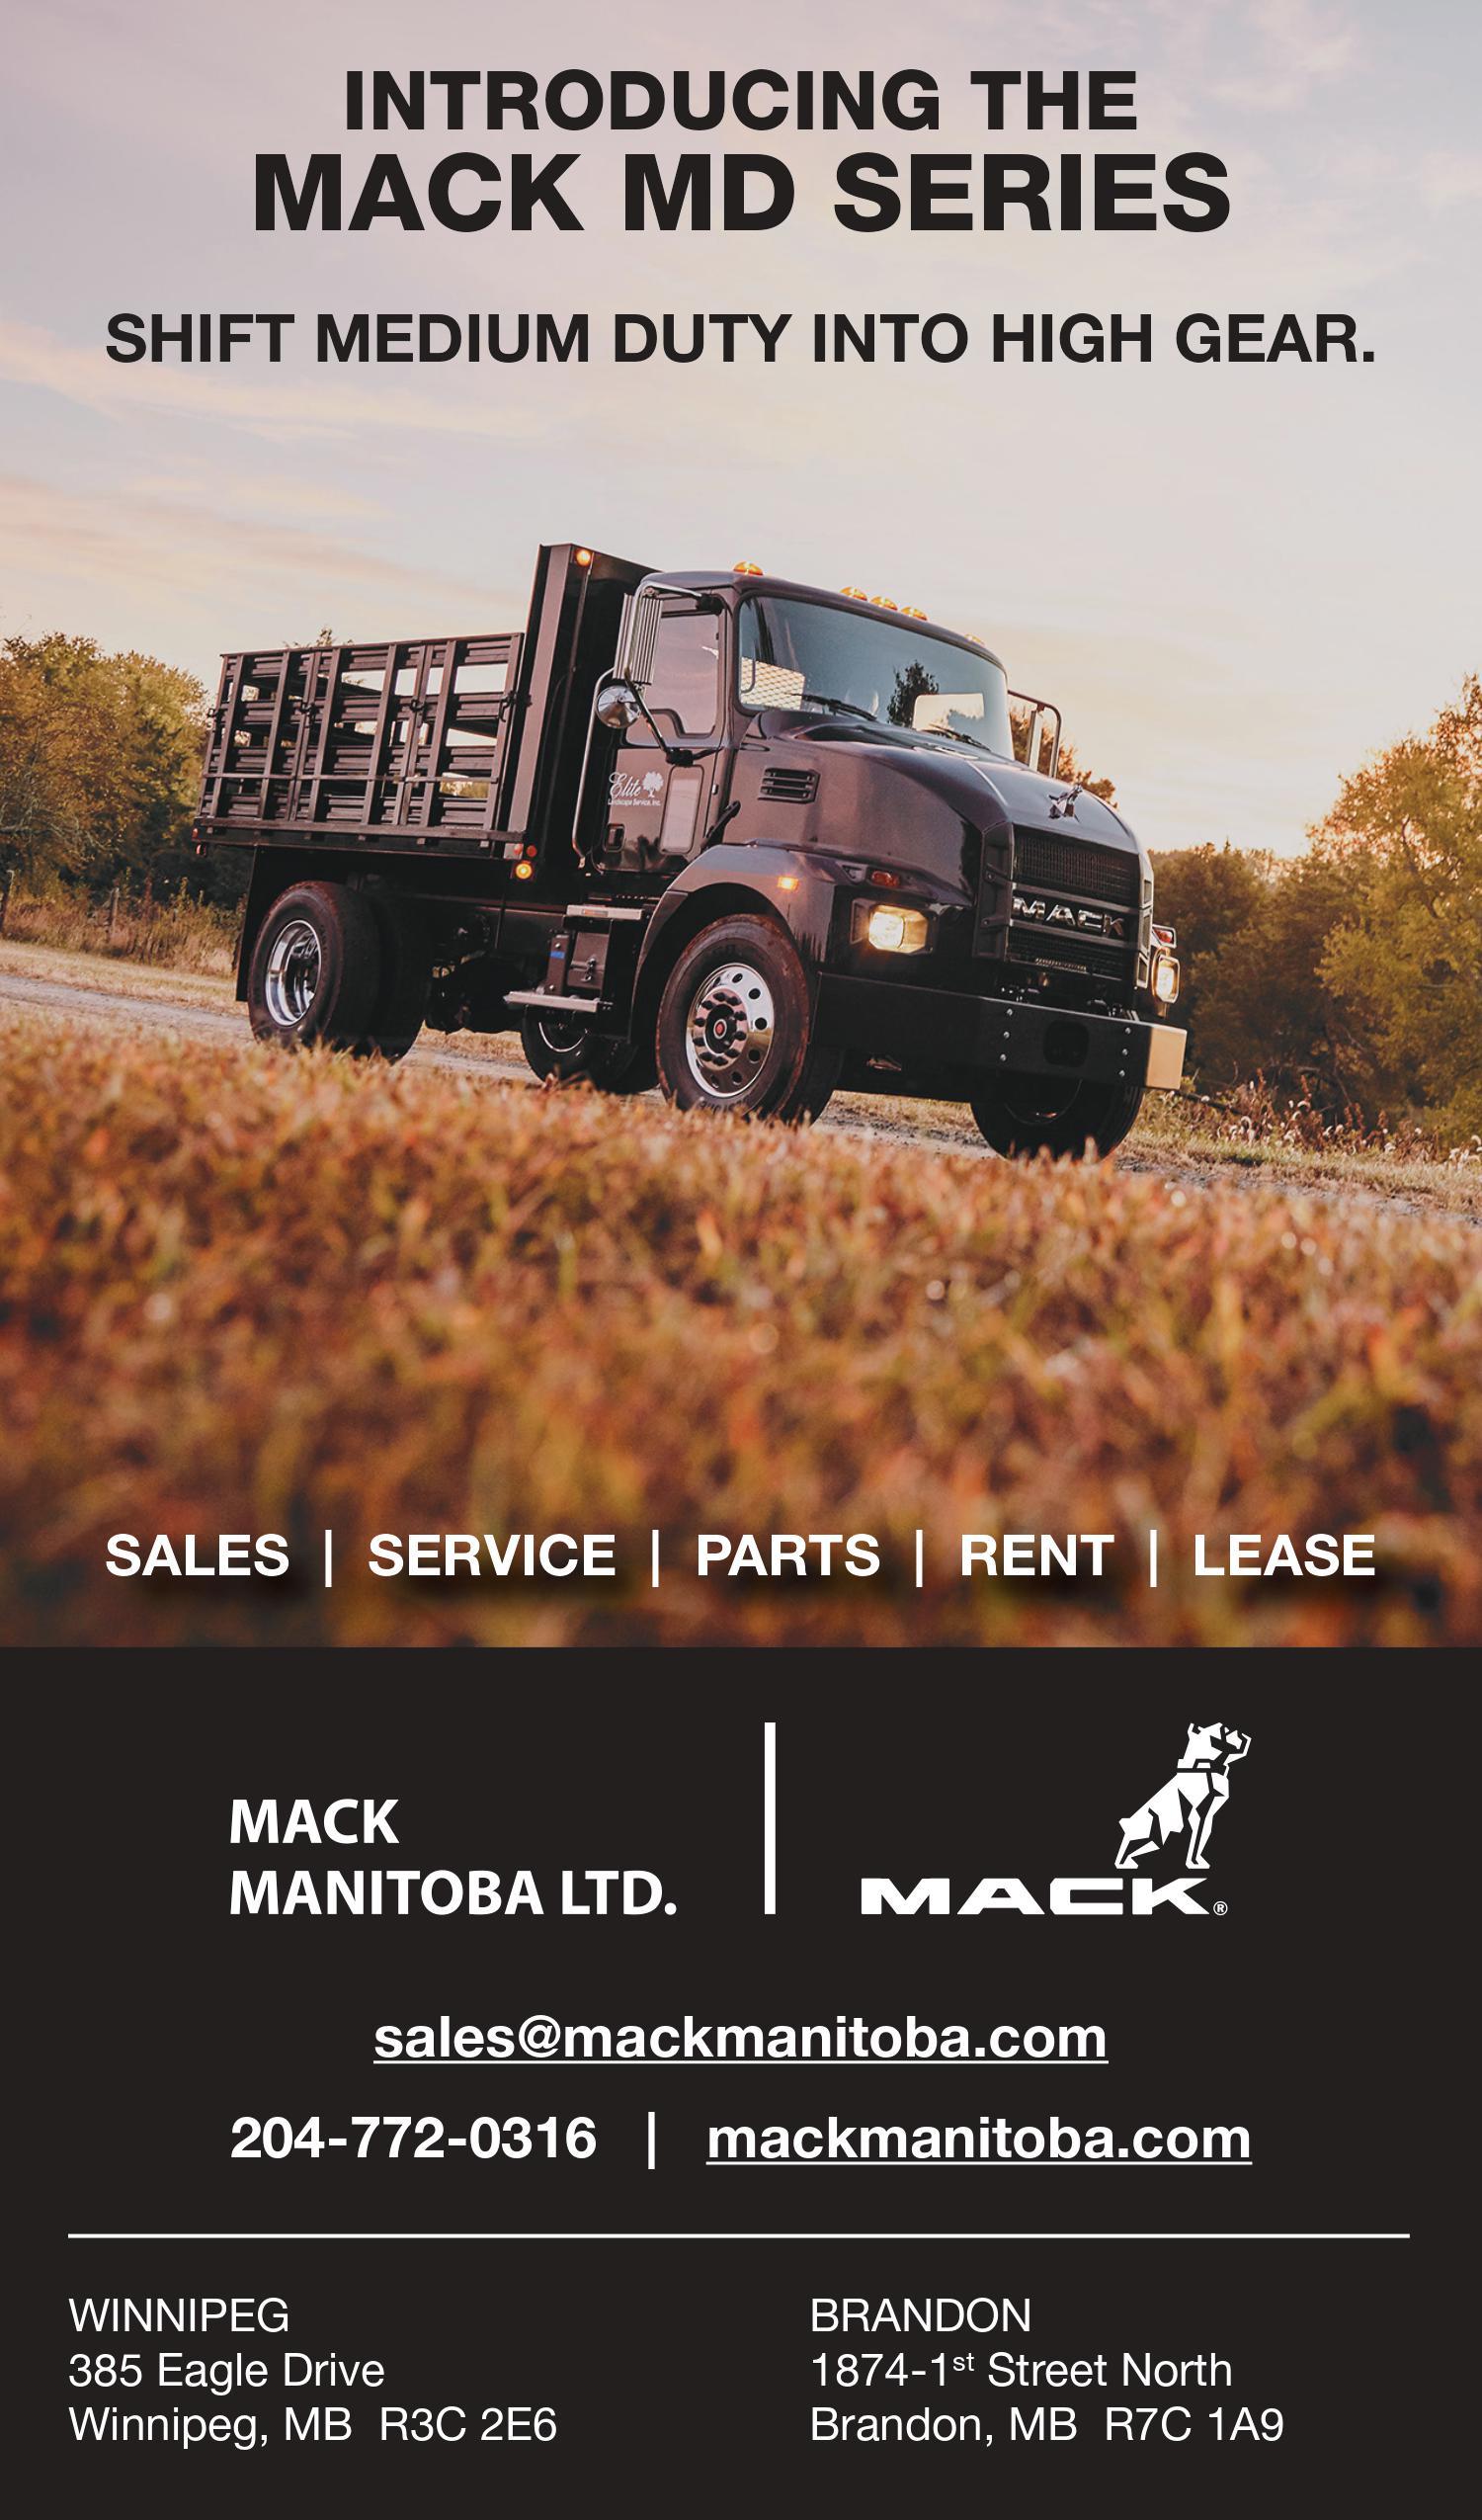 Mac Manitoba Ltd.